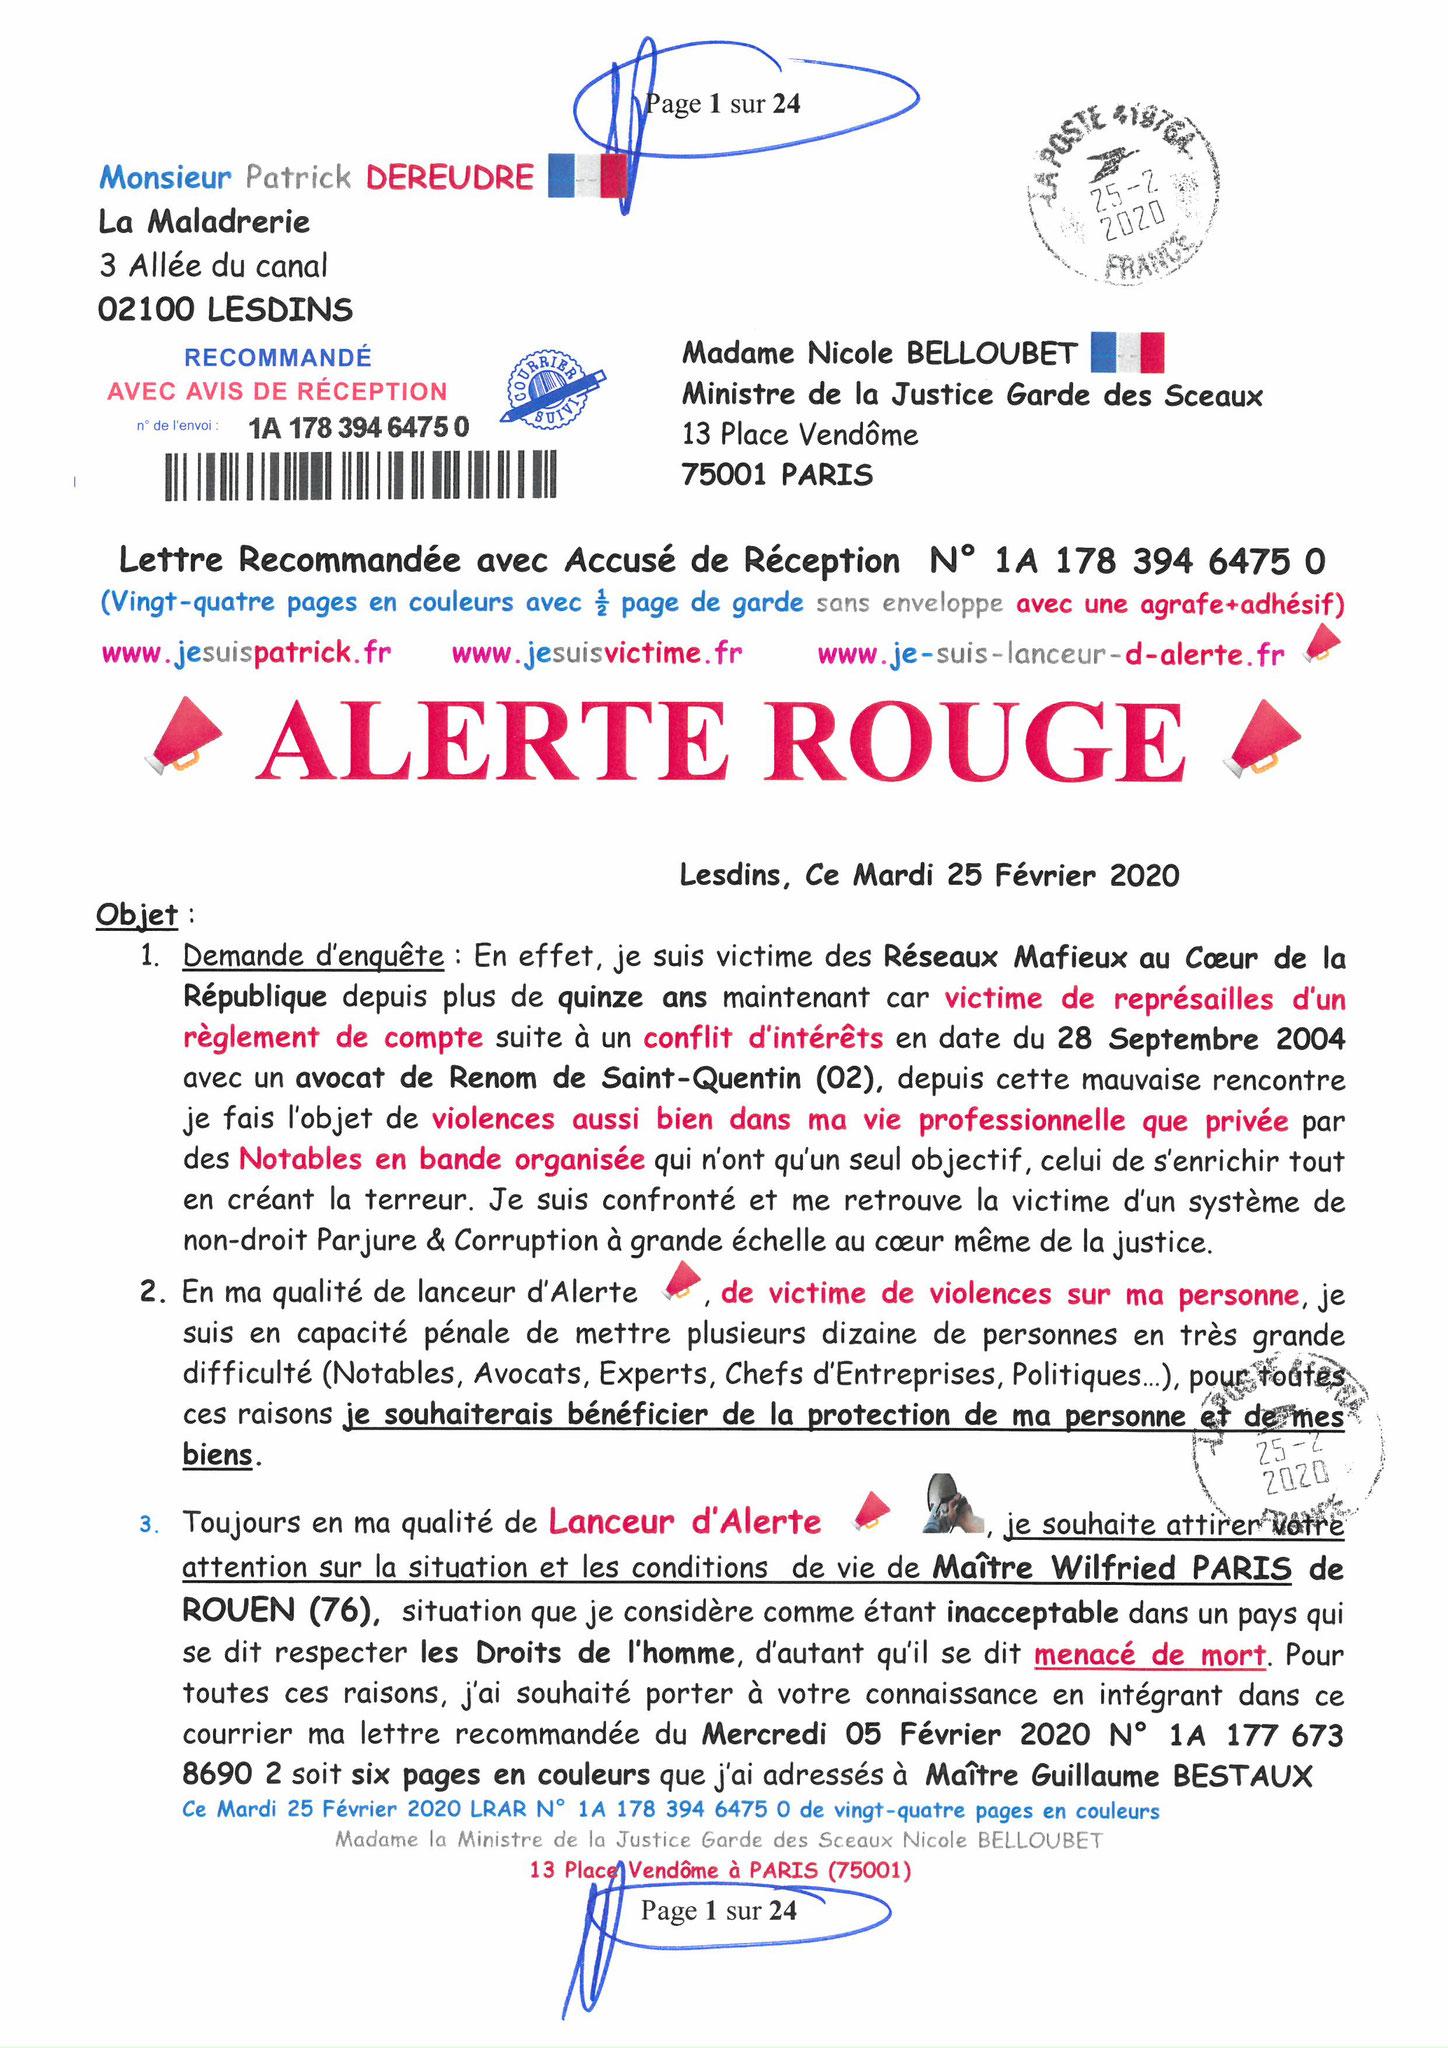 Ma LRAR à Madame Nicole BELLOUBET la Ministre de la Justice N0 1A 178 394 6475 0 Page 1 sur 24 en couleur  www.jesuispatrick.com